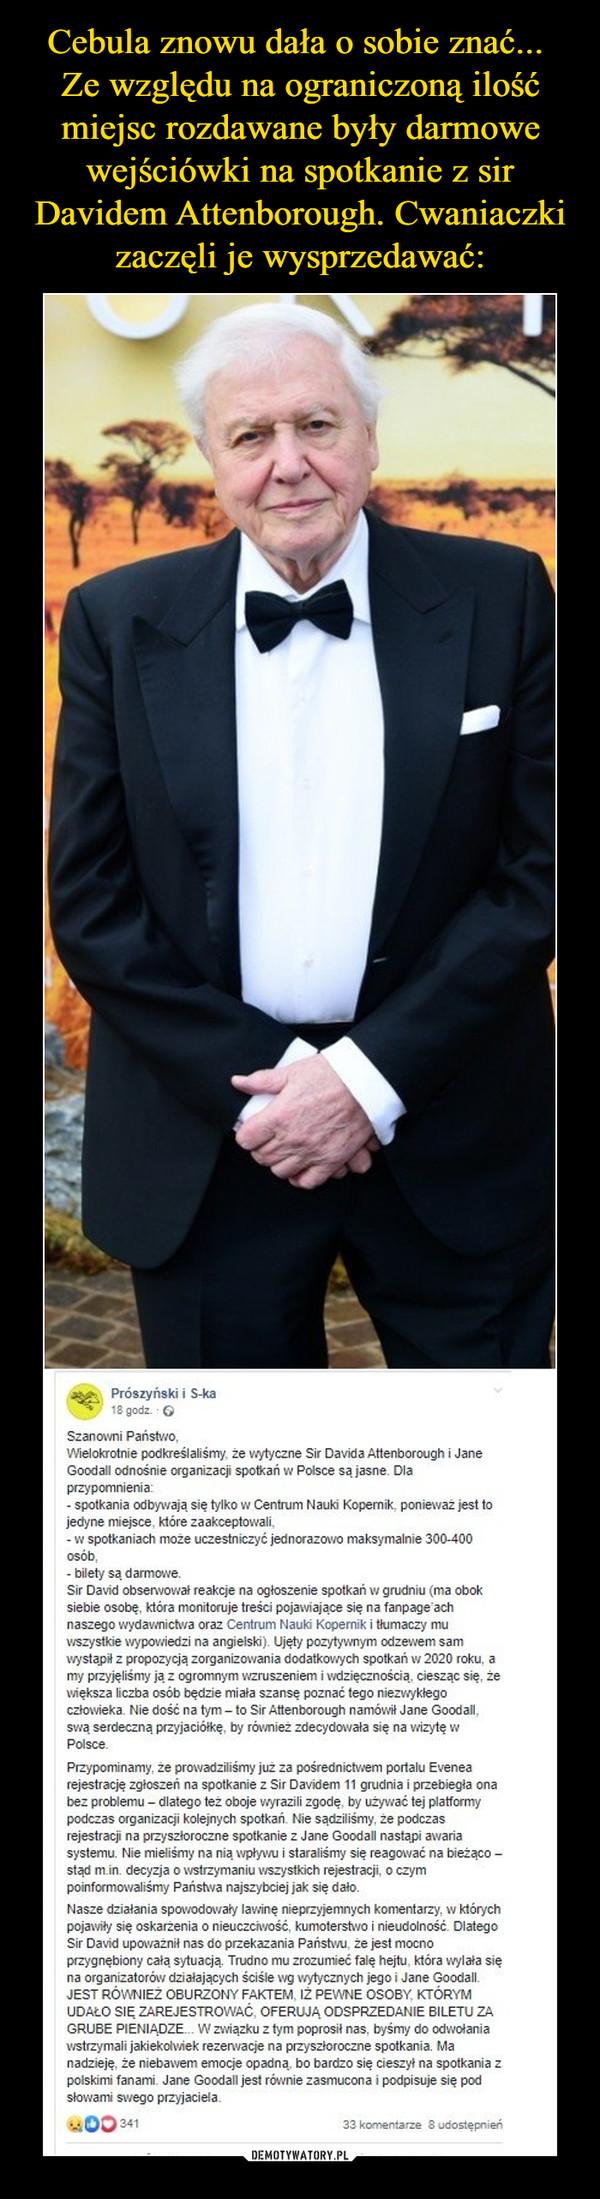 –  Prószyński i S-ka18 godz.Szanowni Państwo,Wielokrotnie podkreślaliśmy, że wytyczne Sir Davida Attenborough i JaneGoodall odnośnie organizacji spotkań w Polsce sa jasne. Dlaprzypomnienia:- spotkania odbywają się tylko w Centrum Nauki Kopernik, poniewaz jest tojedyne miejsce, które zaakceptowali,-w spotkaniach może uczestniczyć jednorazowo maksymalnie 300-400osób,- bilety sa darmoweSir David obserwował reakcje na ogłoszenie spotkan w grudniu (ma oboksiebie osobę, która monitoruje treści pojawiające się na fanpage achnaszego wydawnictwa oraz Centrum Nauki Kopernik i tłumaczy muwszystkie wypowiedzi na angielski). Ujety pozytywnym odzewem samwystapił z propozycją zorganizowania dodatkowych spotkań w 2020 roku, amy przyjeliśmy jaz ogromnym wzruszeniem i wdzięcznością, ciesząc się, żewiększa liczba osób będzie miała szansę poznać tego niezwyklegoczłowieka. Nie dość na tym - to Sir Attenborough namówił Jane Goodall,swaą serdeczną przyjaciółkę, by również zdecydowała się na wizytę wPolscePrzypominamy, że prowadziliśmy juz za pośrednictvwem portalu Evenearejestrację zgłoszeń na spotkanie z Sir Davidem 11 grudnia i przebiegła onabez problemu dlatego też oboje wyrazili zgodę, by używać tej platformypodczas organizacji kolejnych spotkań. Nie sądziliśmy, że podczasrejestracji na przyszłoroczne spotkanie z Jane Goodall nastapi awariasystemu. Nie mielismy na nią wpywu i staralismy się reagować na bieżącostad m.in. decyzja o wstrzymaniu wszystkich rejestracji, o czympoinformowaliśmy Państwa najszybciej jak się dałoNasze działania spowodowały lawinę nieprzyjemnych komentarzy, w którychpojawiły się oskarżenia o nieuczciwość, kumoterstwo i nieudolność. DlategoSir David upoważnił nas do przekazania Państwu, że jest mocnoprzygnębiony całą sytuacją. Trudno mu zrozumieć falę hejtu, która wylała sięna organizatorów działających ściśle wg wytycznych jego i Jane Goodall.JEST RÓWNIEż OBURZONY FAKTEM, IŻ PEWNE OSOBY, KTÓRYMUDAŁO SIE ZAREJESTROWAĆ, OFERUJA ODSPRZEDANIE BILETU ZAGRUBE PIENIADZ